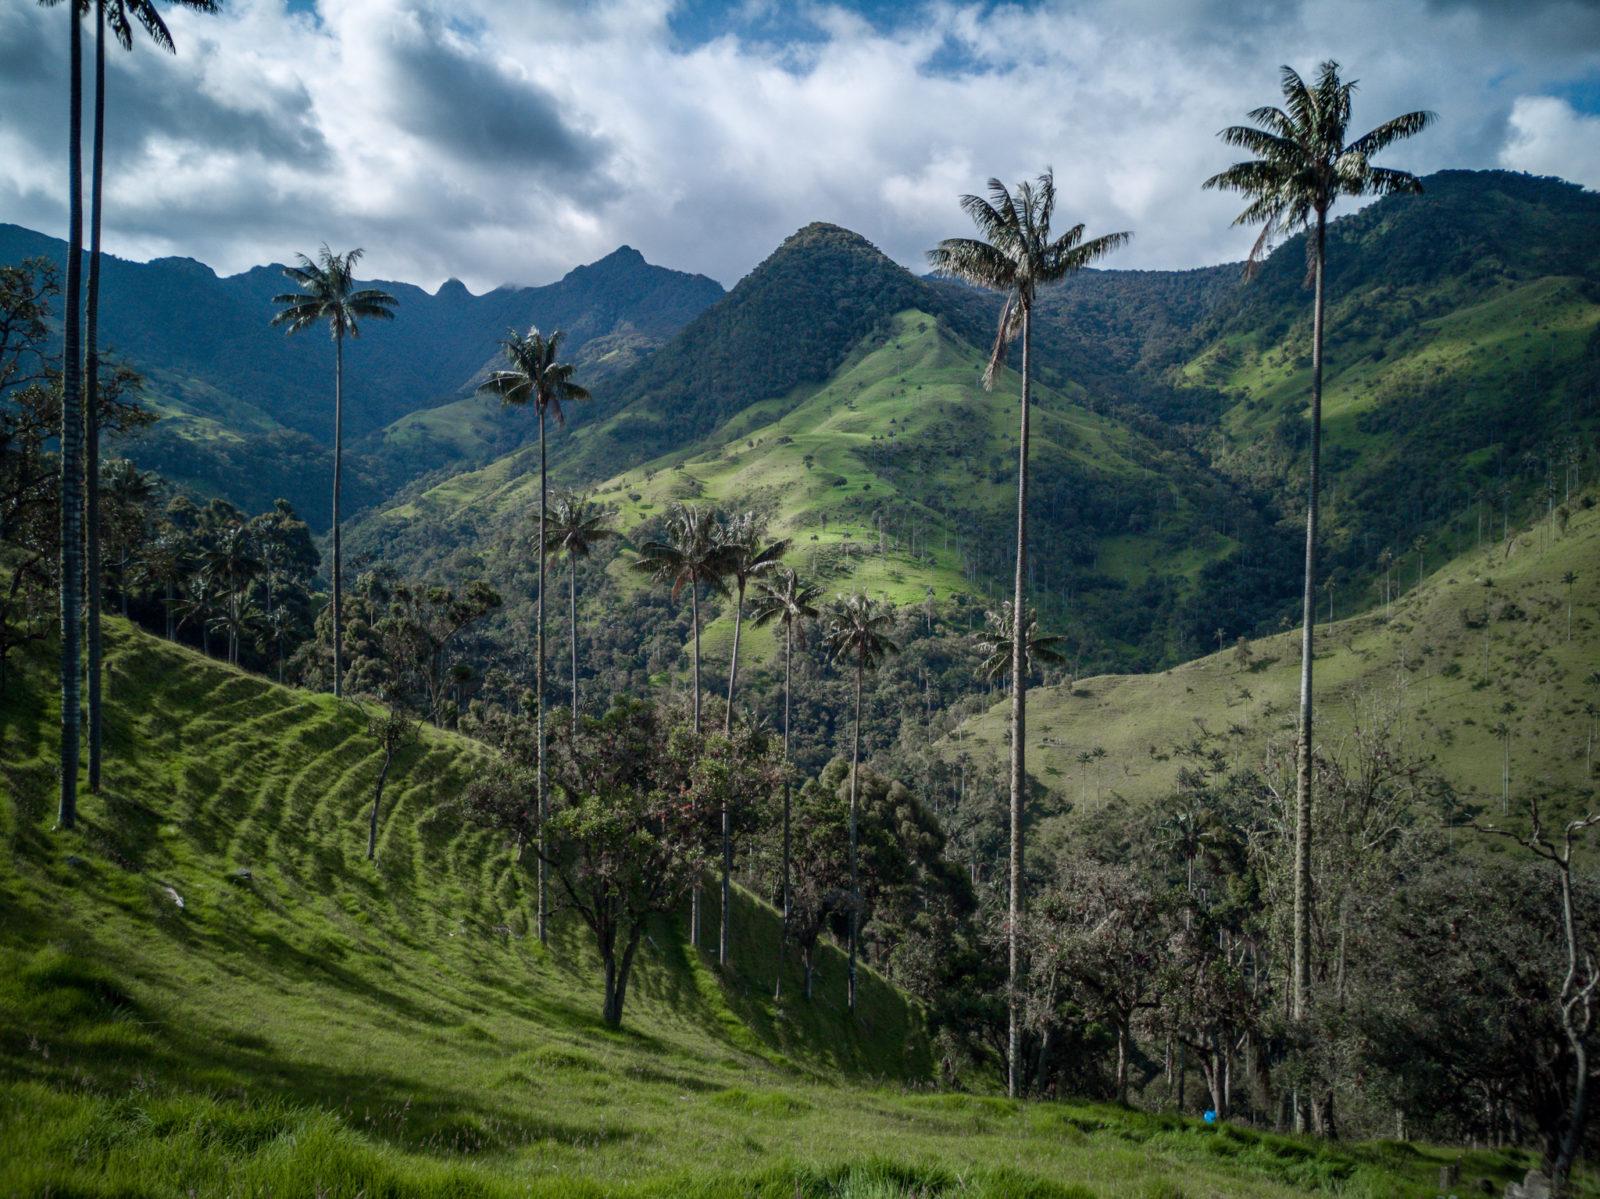 das Valle de Cocoa: hier stehen die höchsten Palmen der Welt!